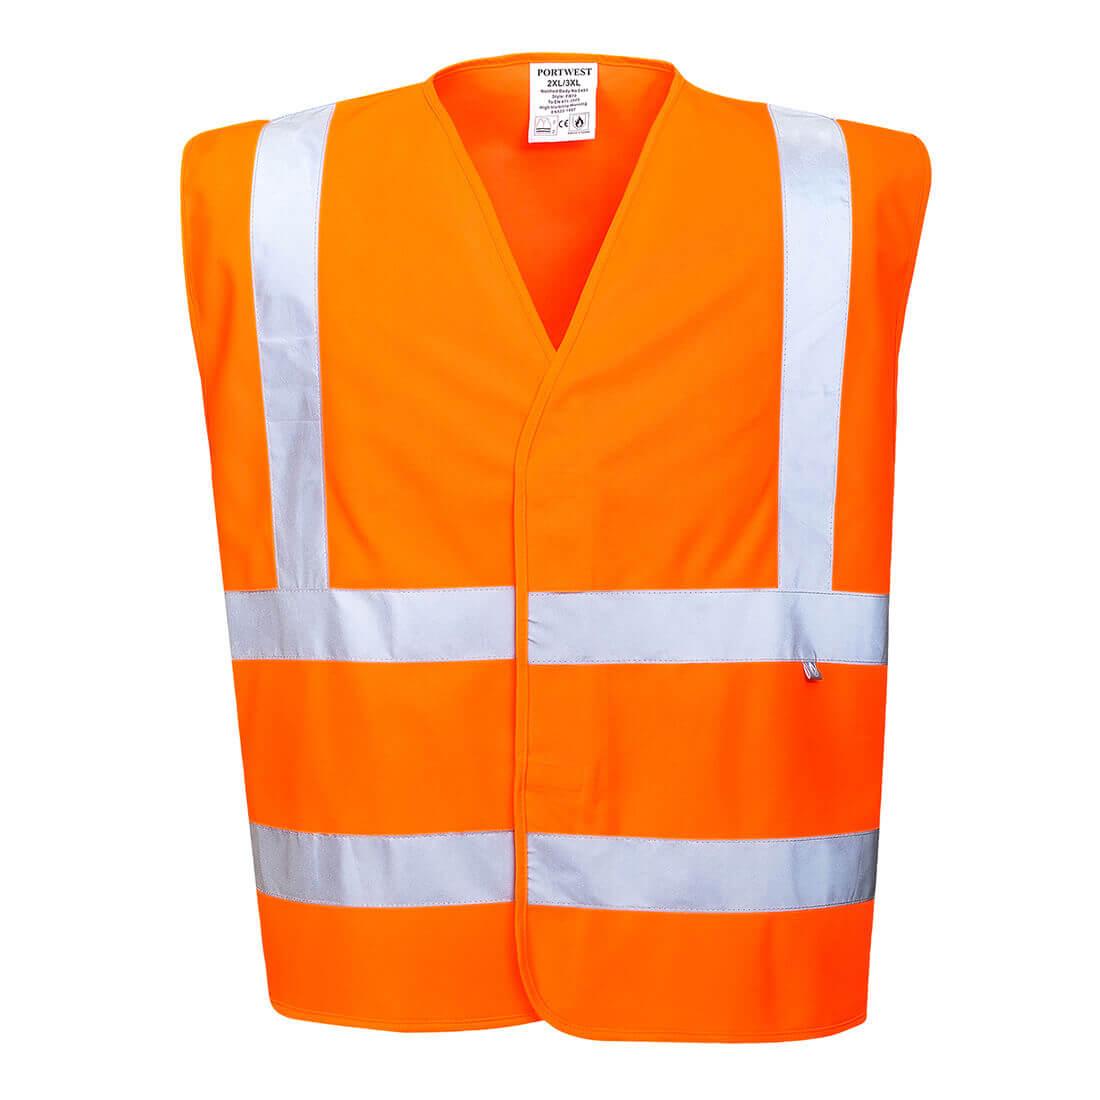 Image of Biz Flame Hi-Vis Flame Resistant Vest Orange 4XL